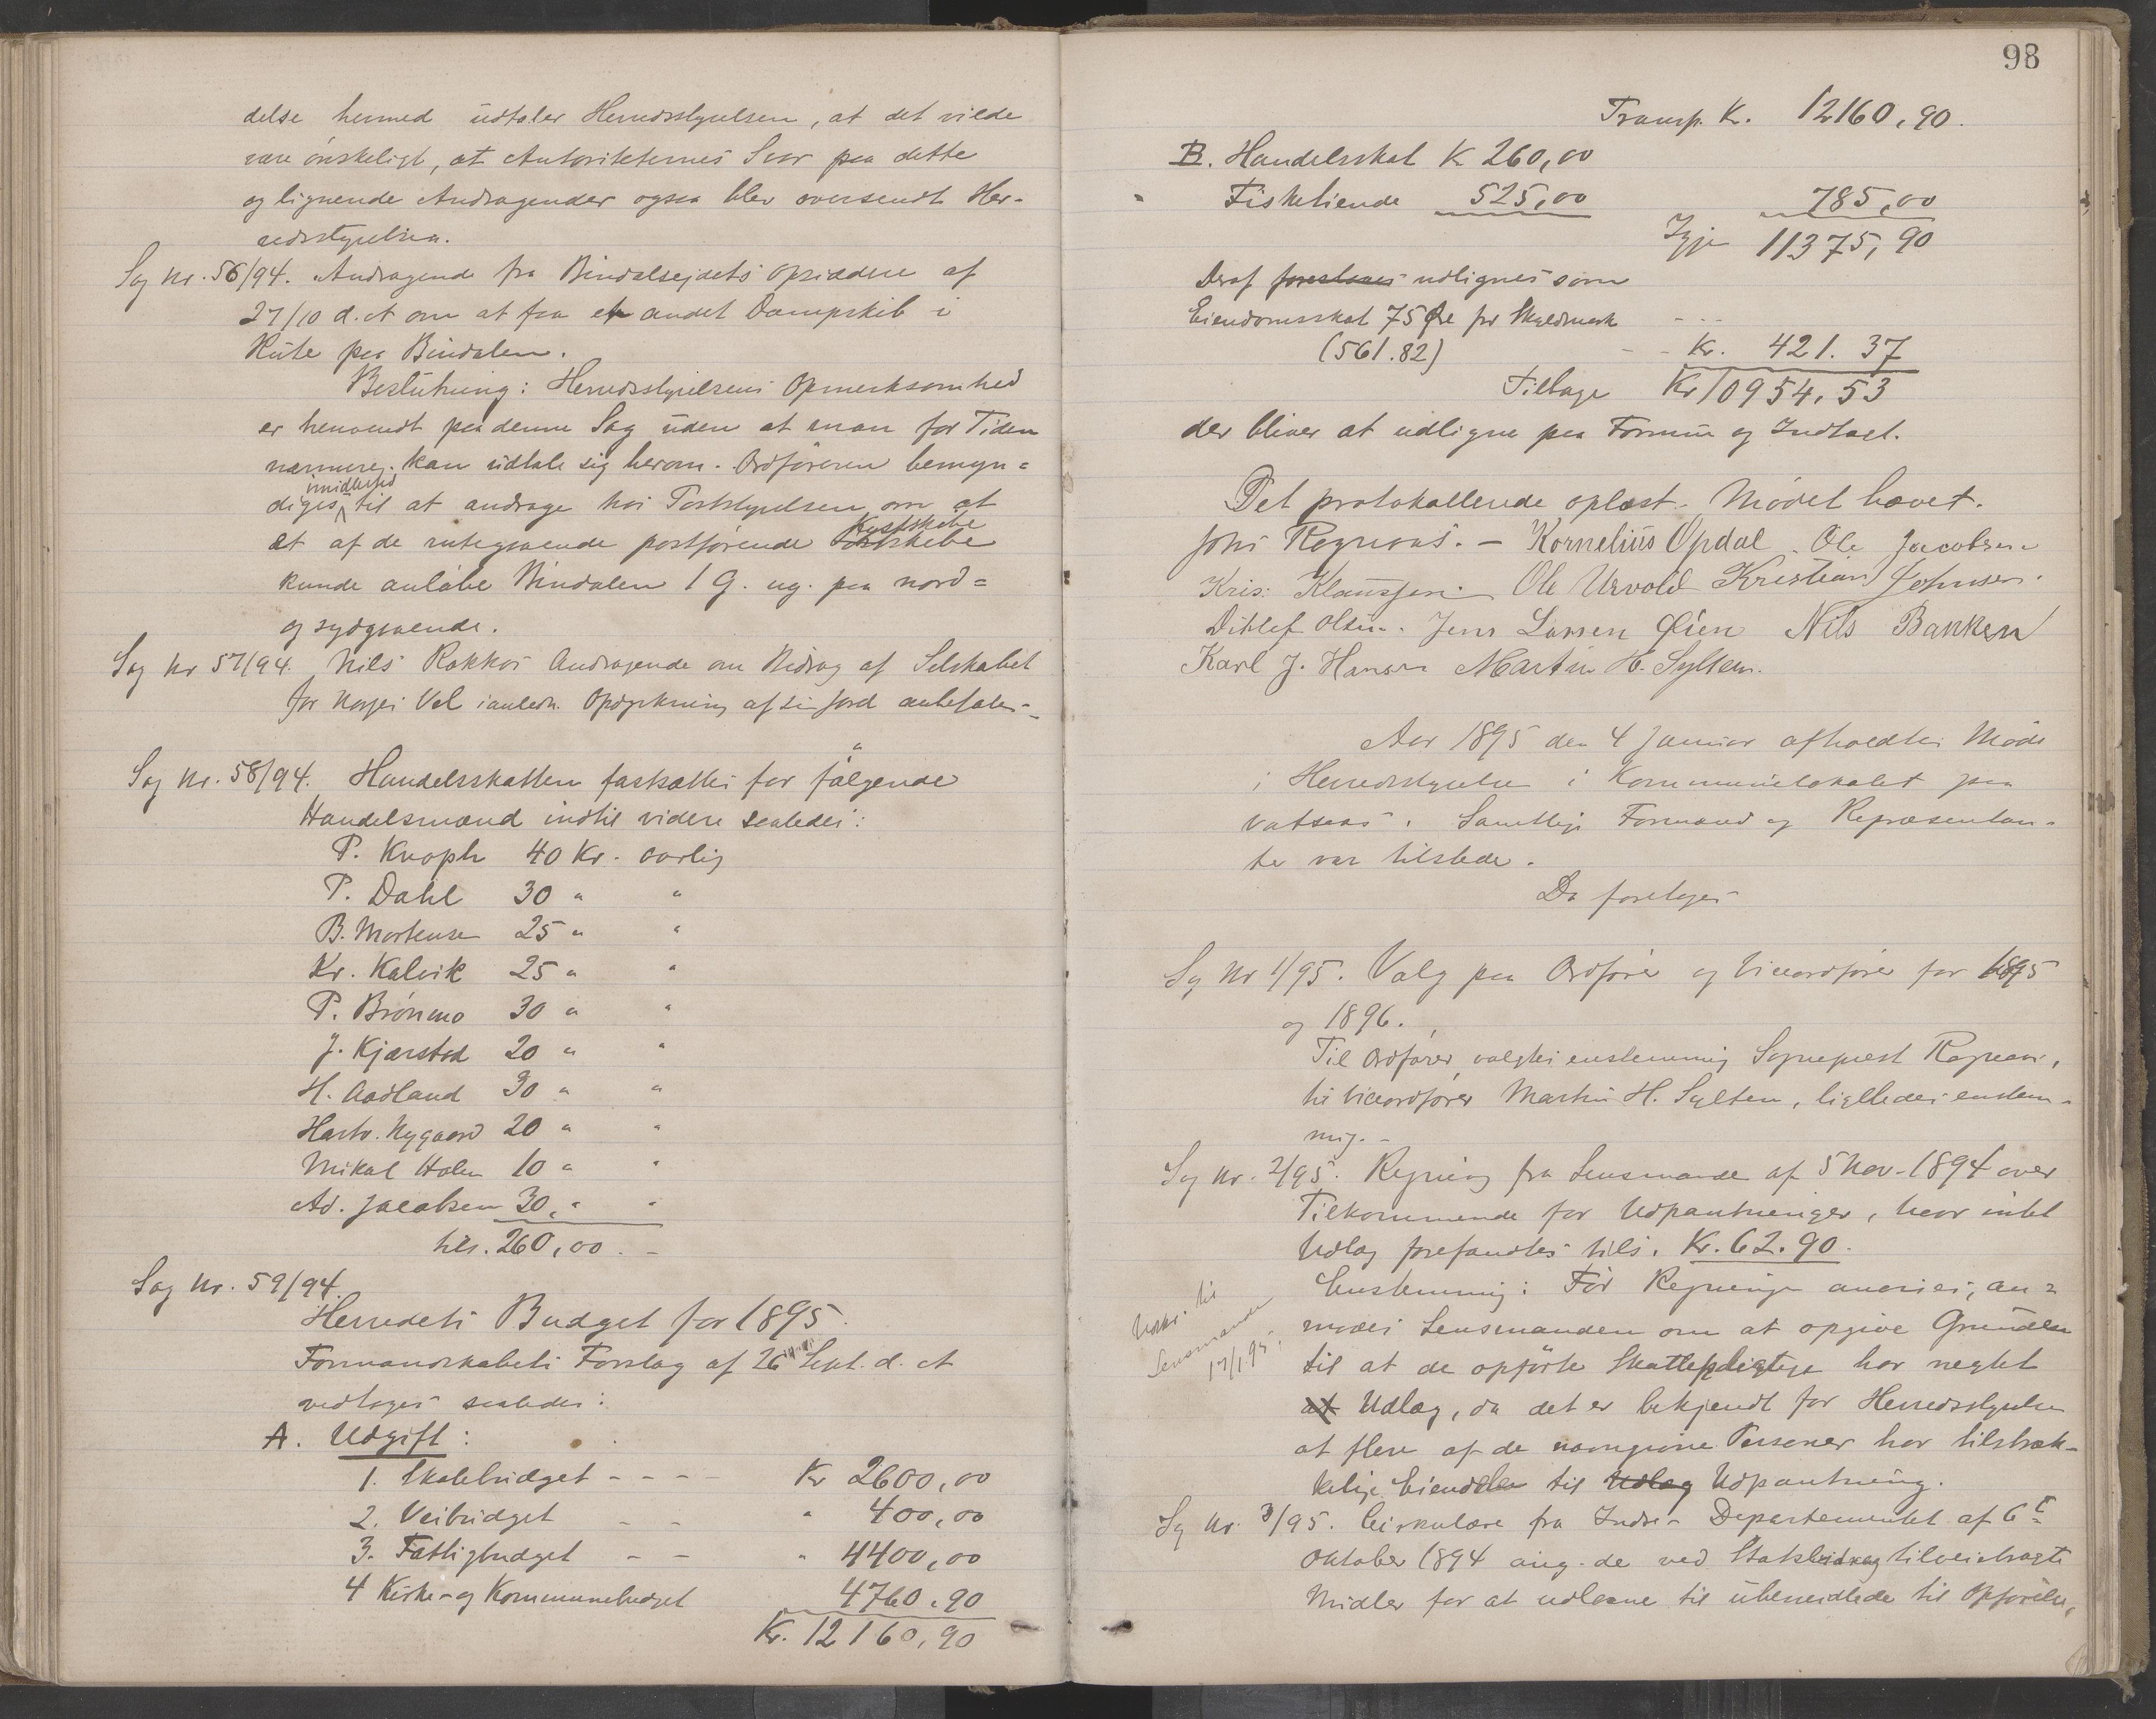 AIN, Bindal kommune. Formannskapet, A/Aa/L0000c: Møtebok, 1885-1897, s. 98